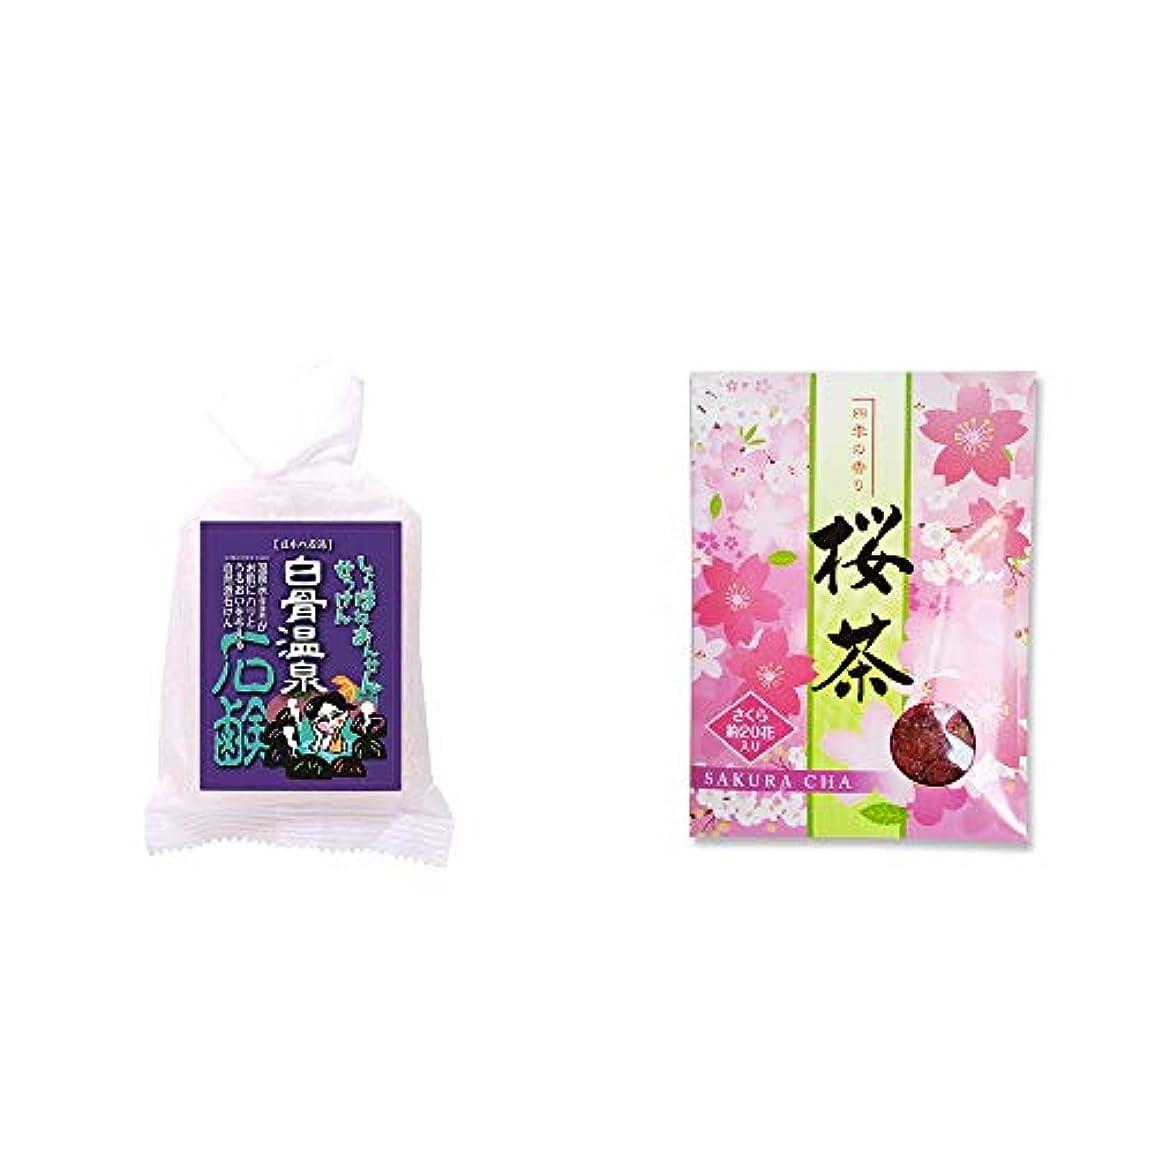 アグネスグレイ深く会議[2点セット] 信州 白骨温泉石鹸(80g)?桜茶(40g)